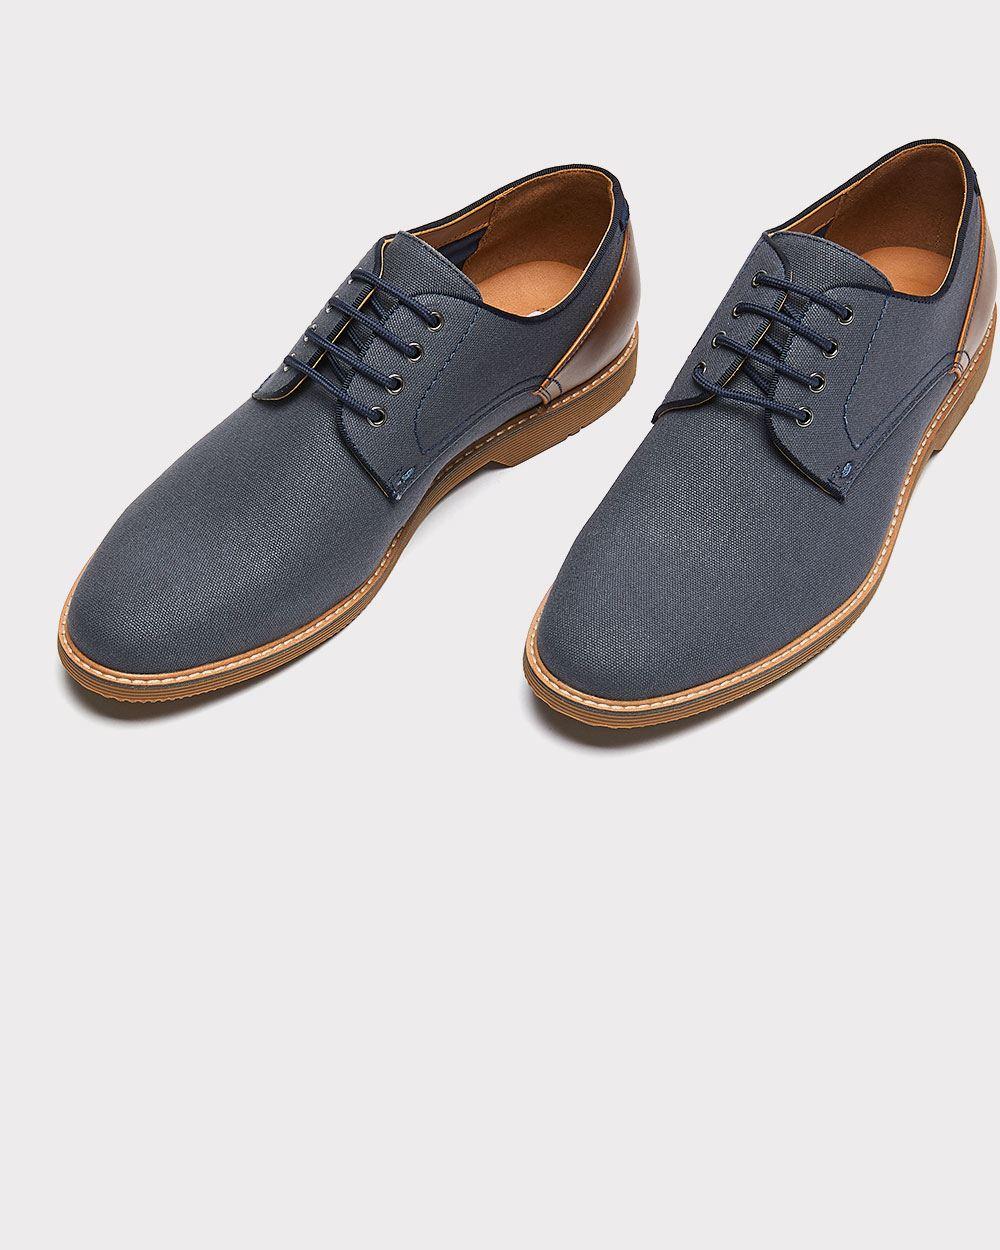 8cb6f408f19 Steve Madden (TM) - Newstead Dress Shoe